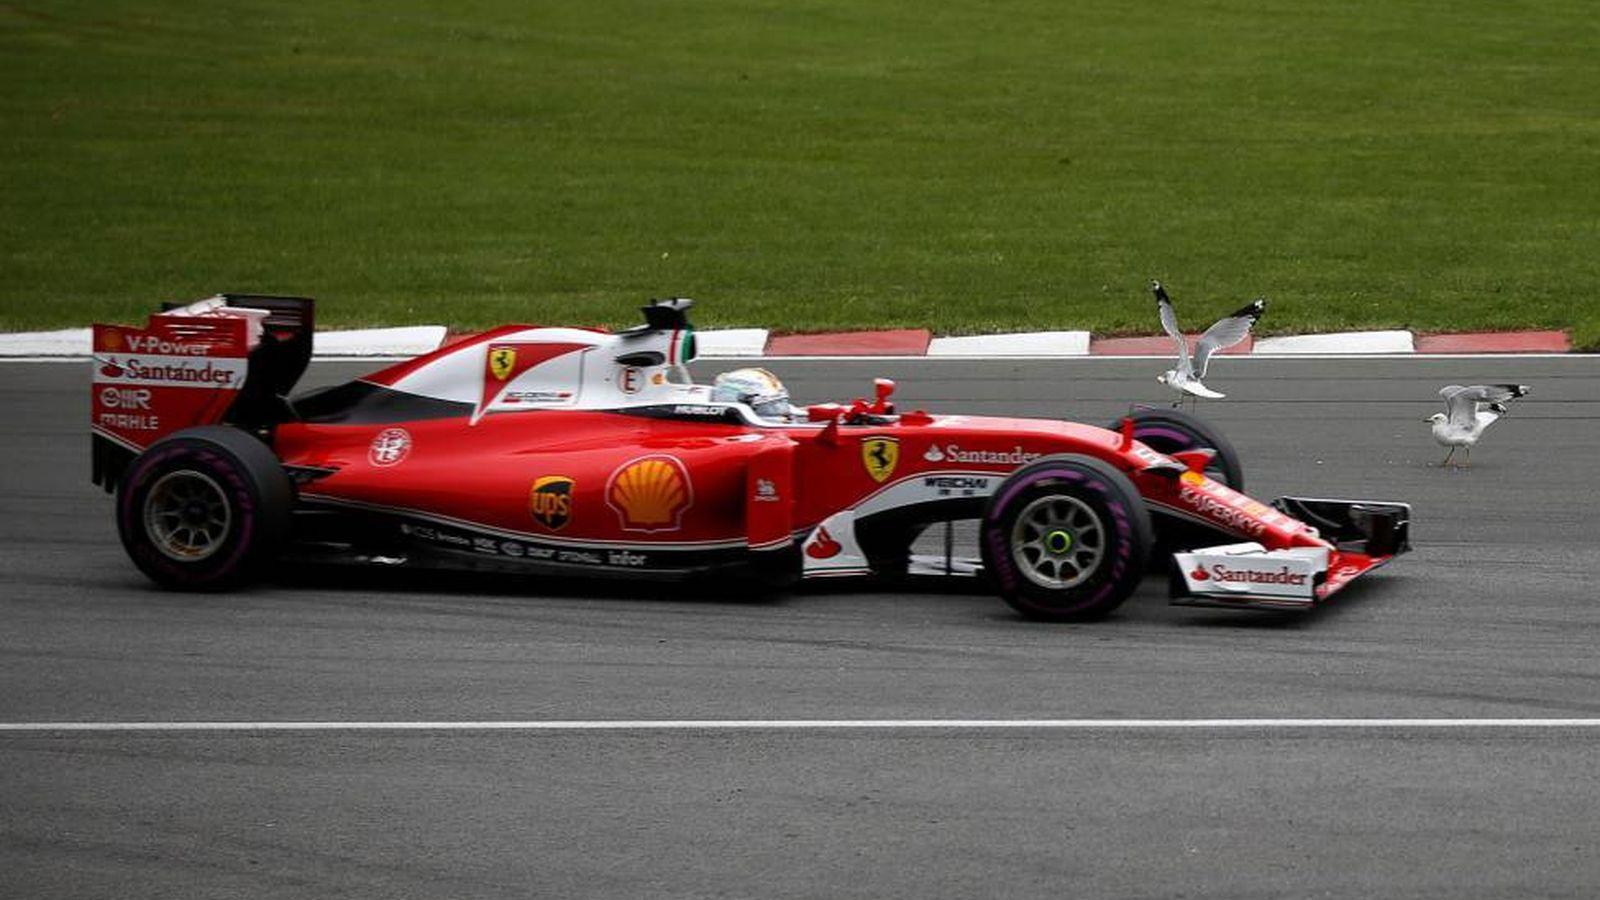 Foto: Muchos animales han creado momentos de tensión en la pista. (Reuters)